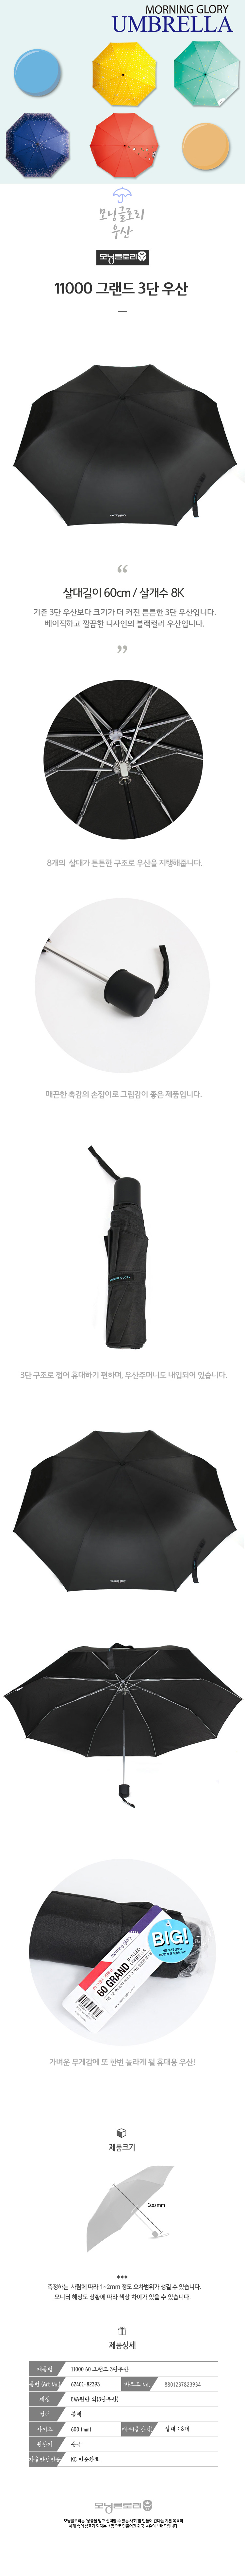 11000 그랜드 3단우산 - 모닝글로리, 8,800원, 우산, 자동3단/5단우산